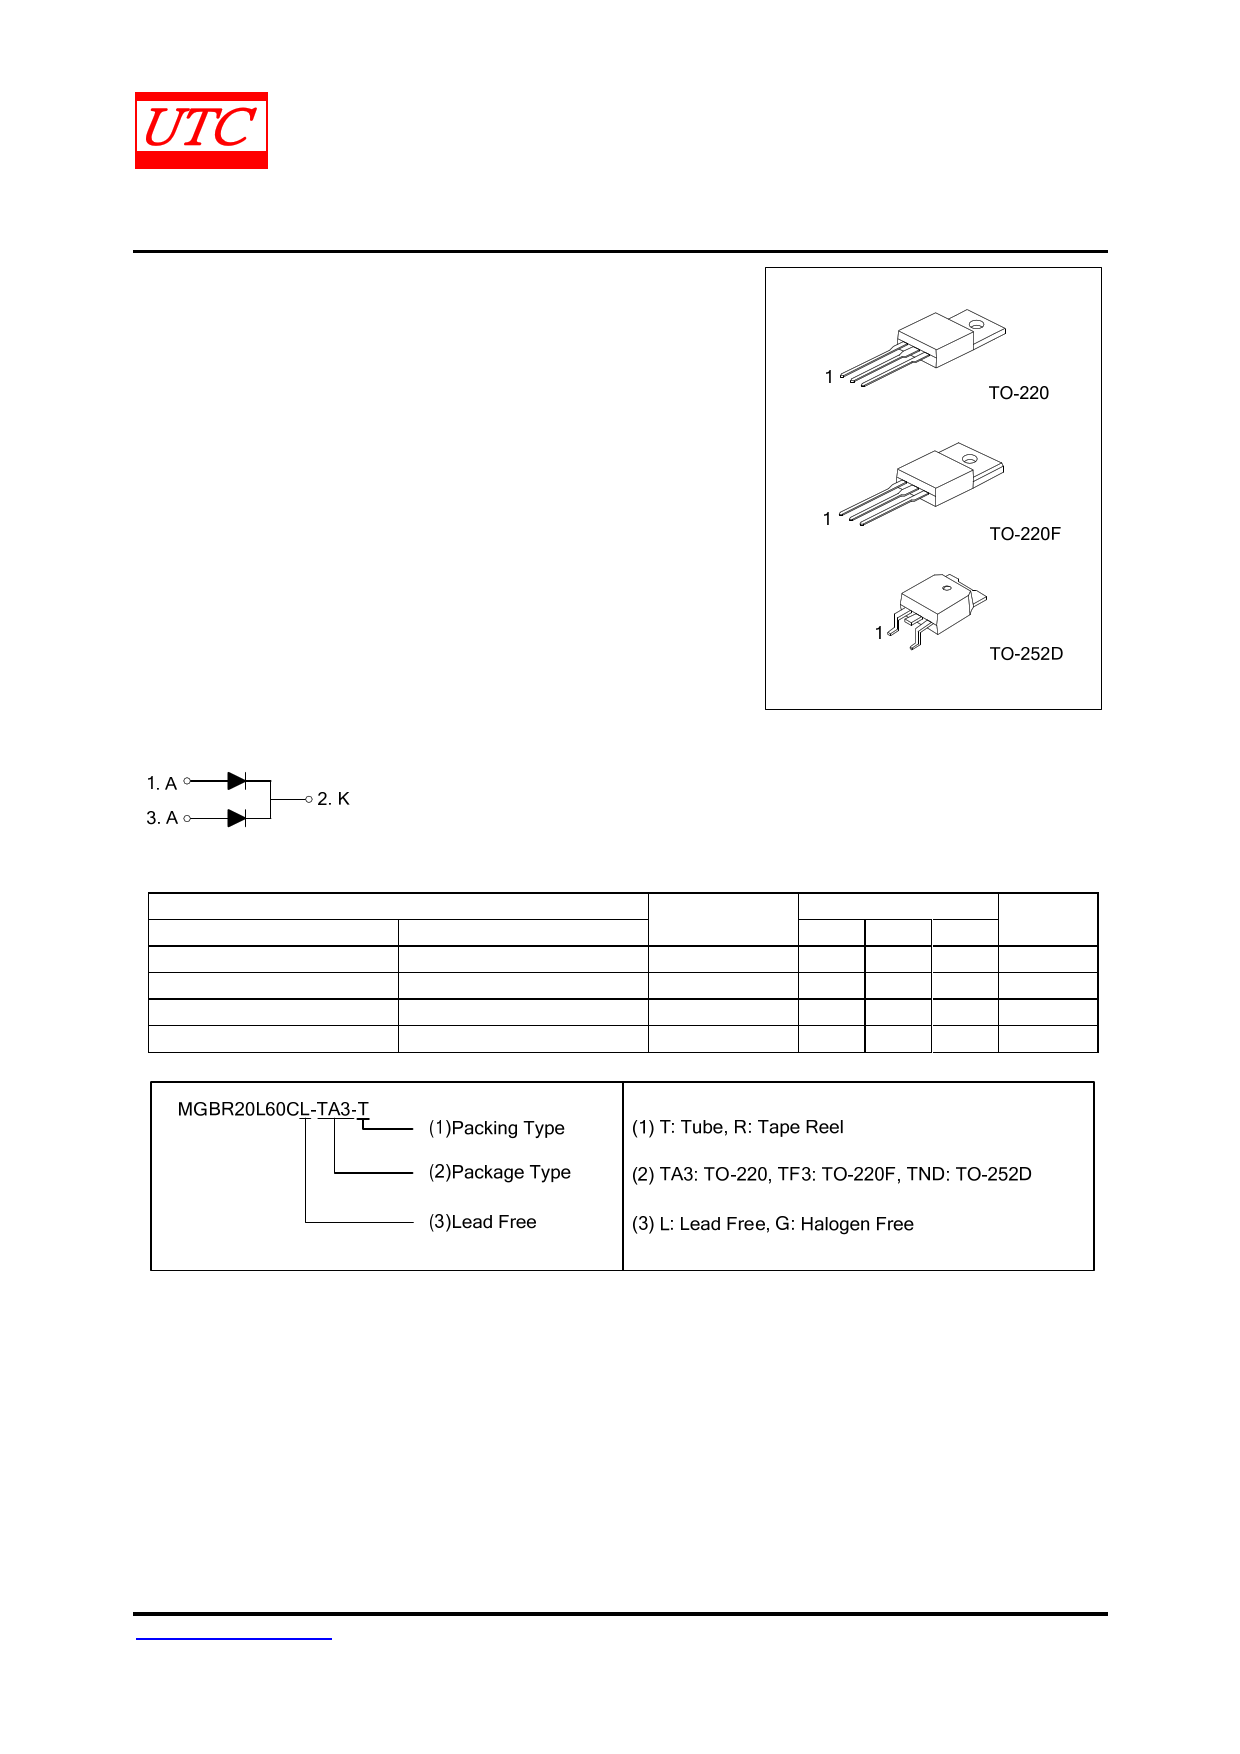 MGBR20L60CG-TND-T 데이터시트 및 MGBR20L60CG-TND-T PDF